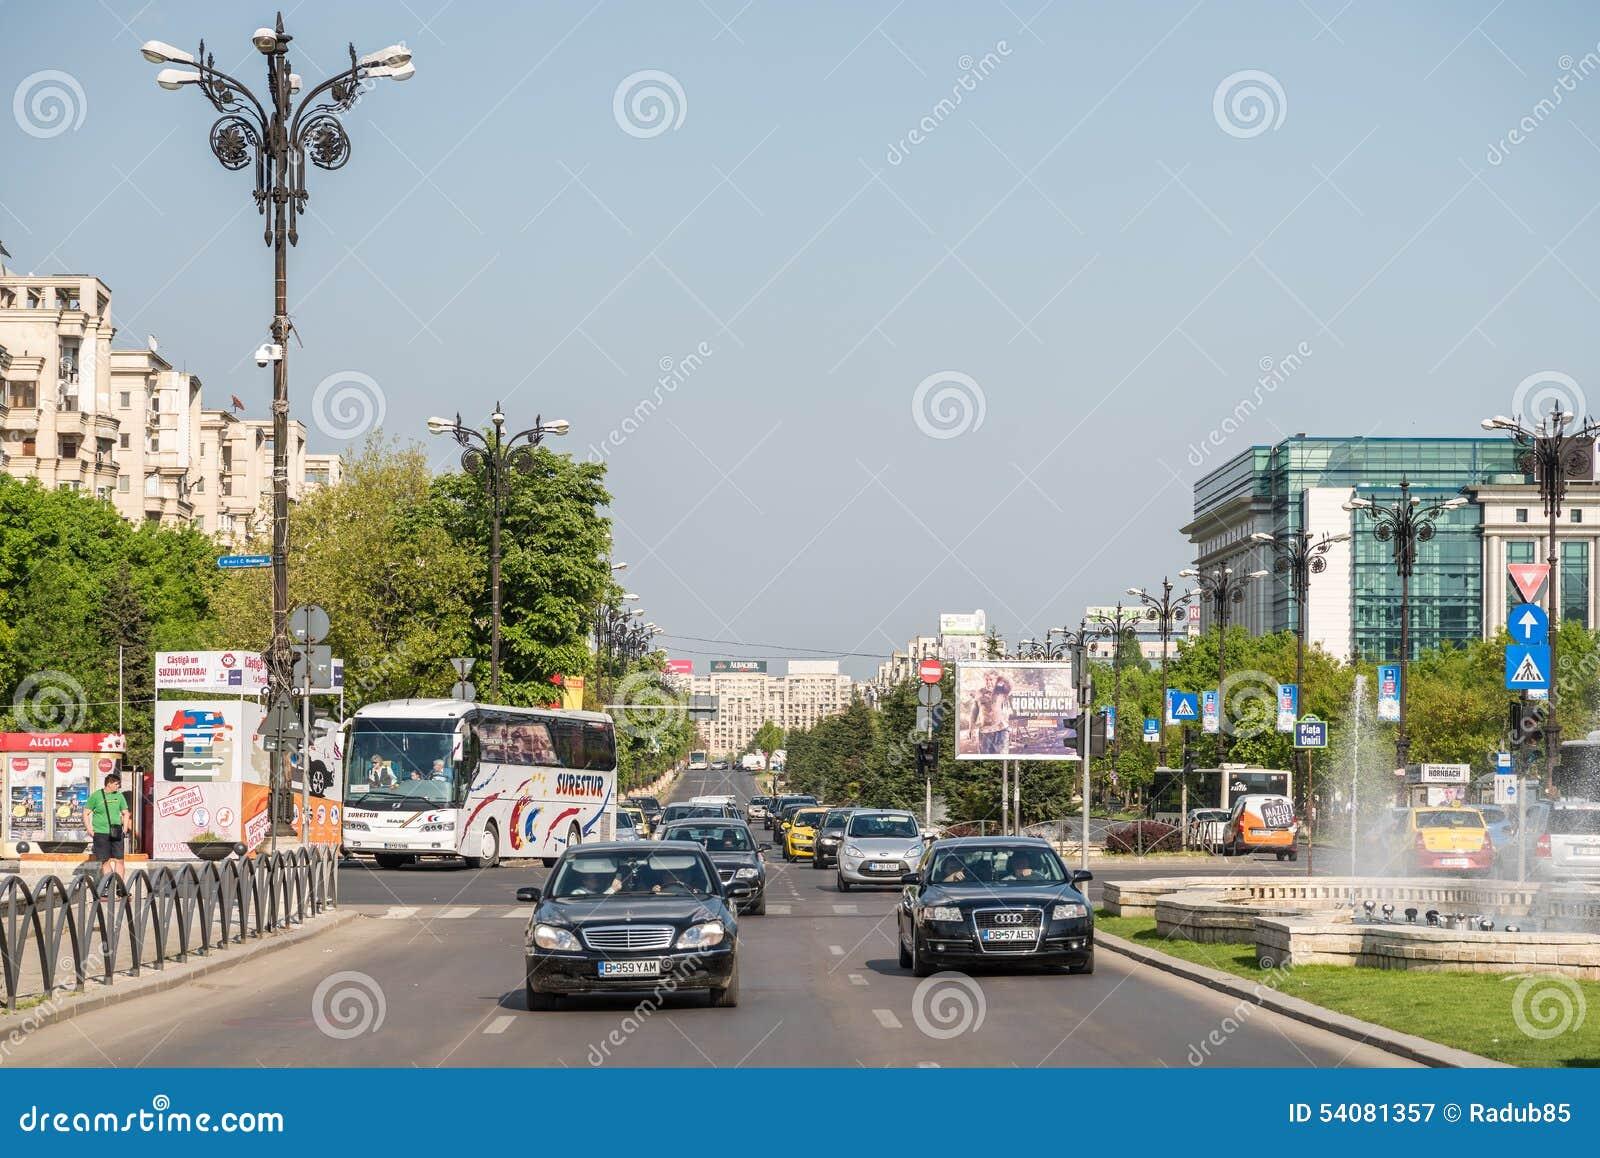 Spitsuur in Union Square (Piata Unirii) van Boekarest